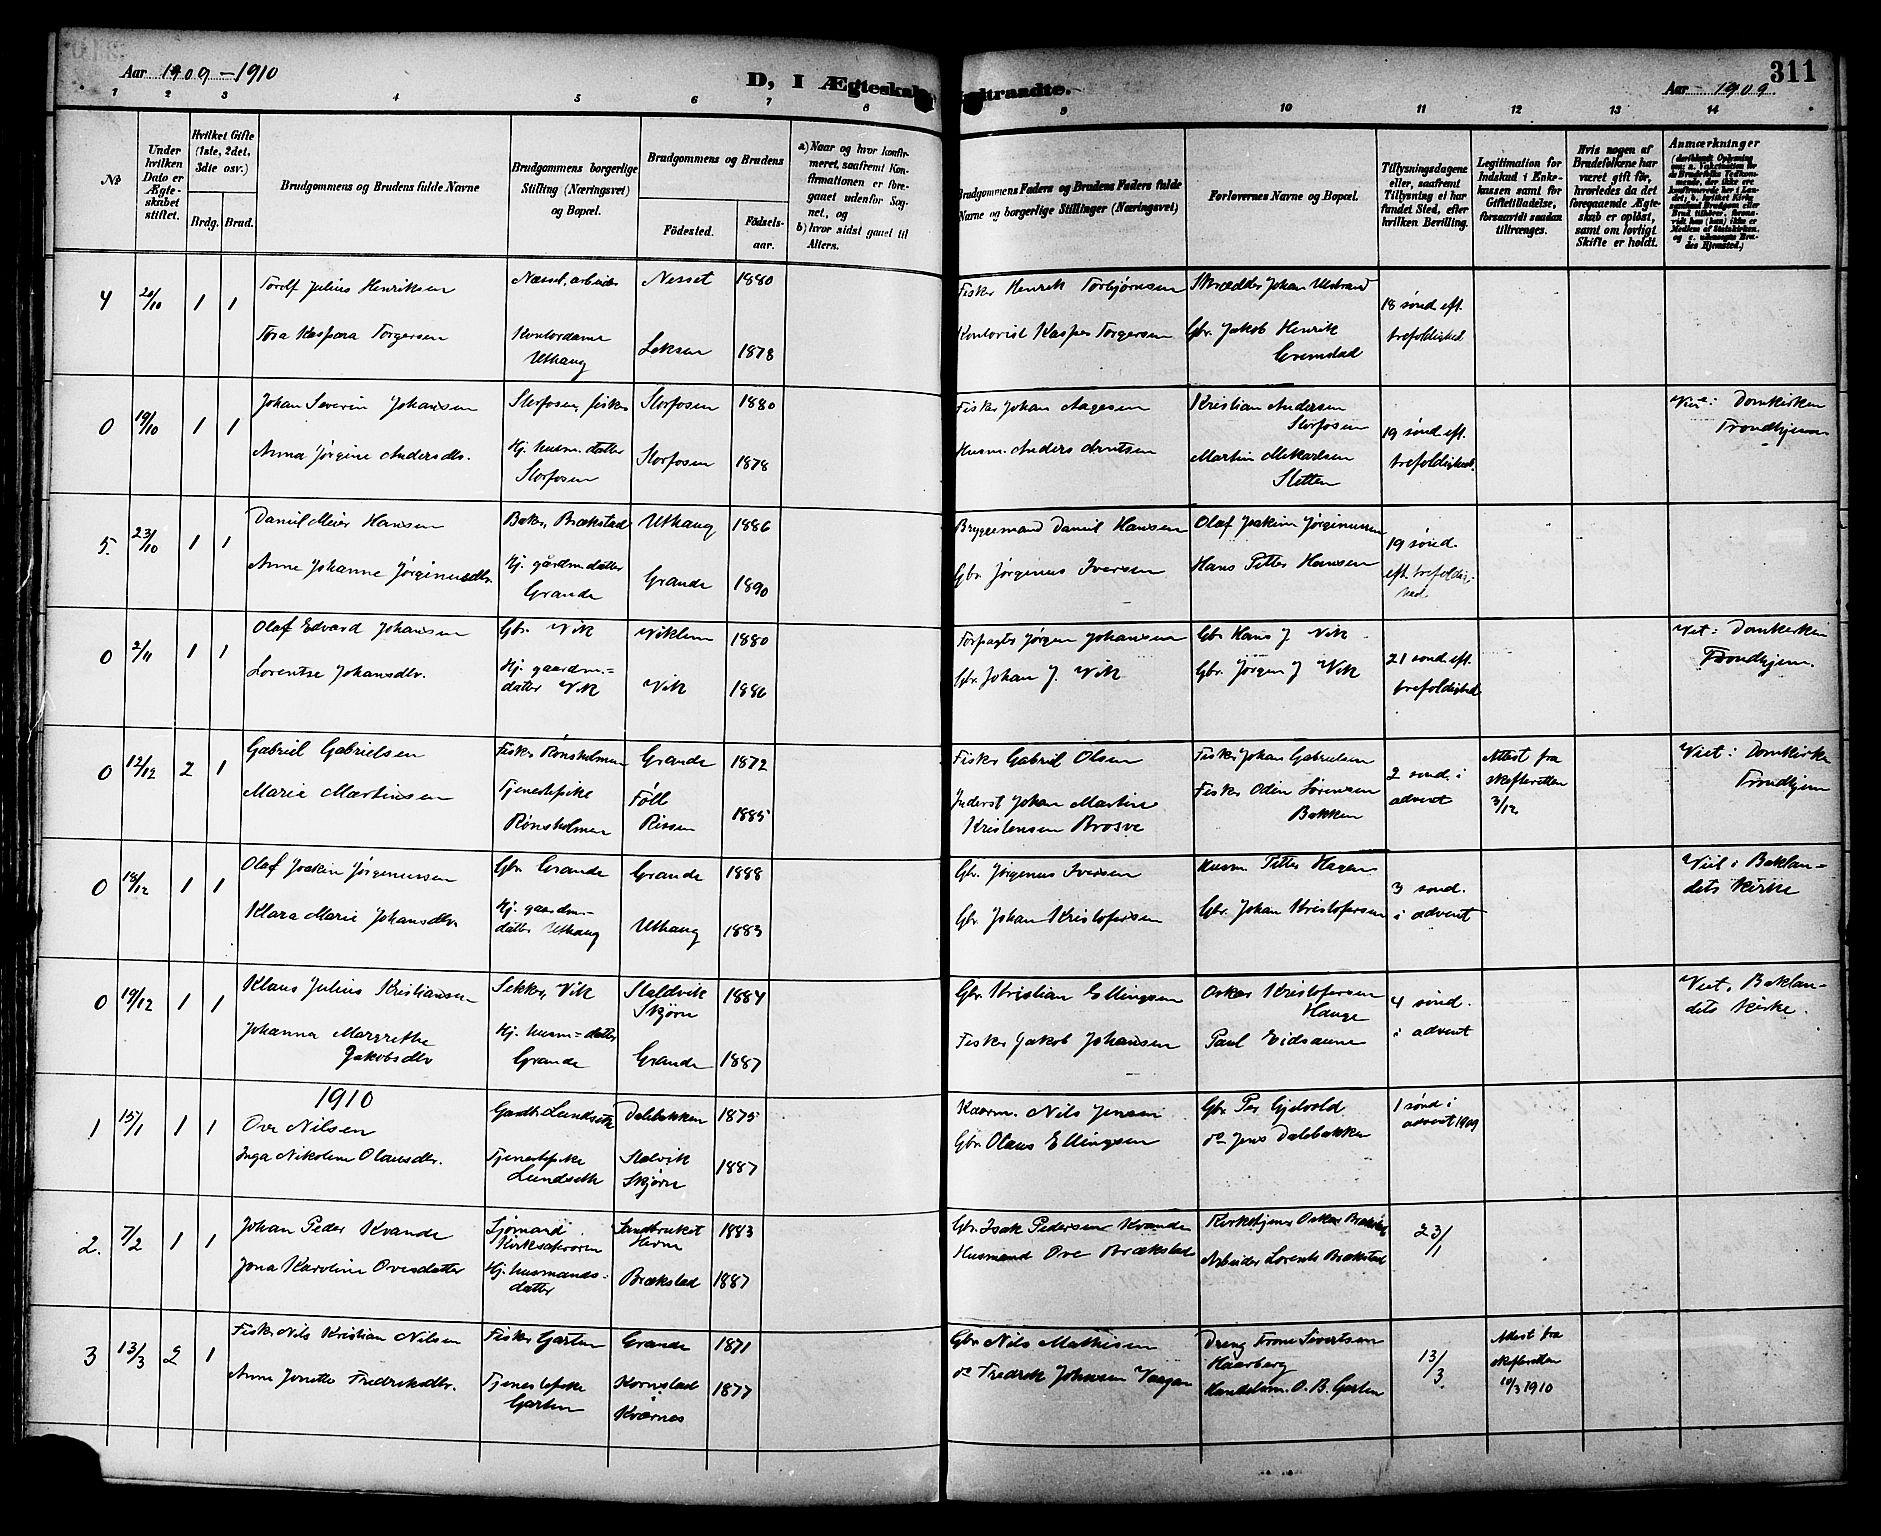 SAT, Ministerialprotokoller, klokkerbøker og fødselsregistre - Sør-Trøndelag, 659/L0746: Klokkerbok nr. 659C03, 1893-1912, s. 311